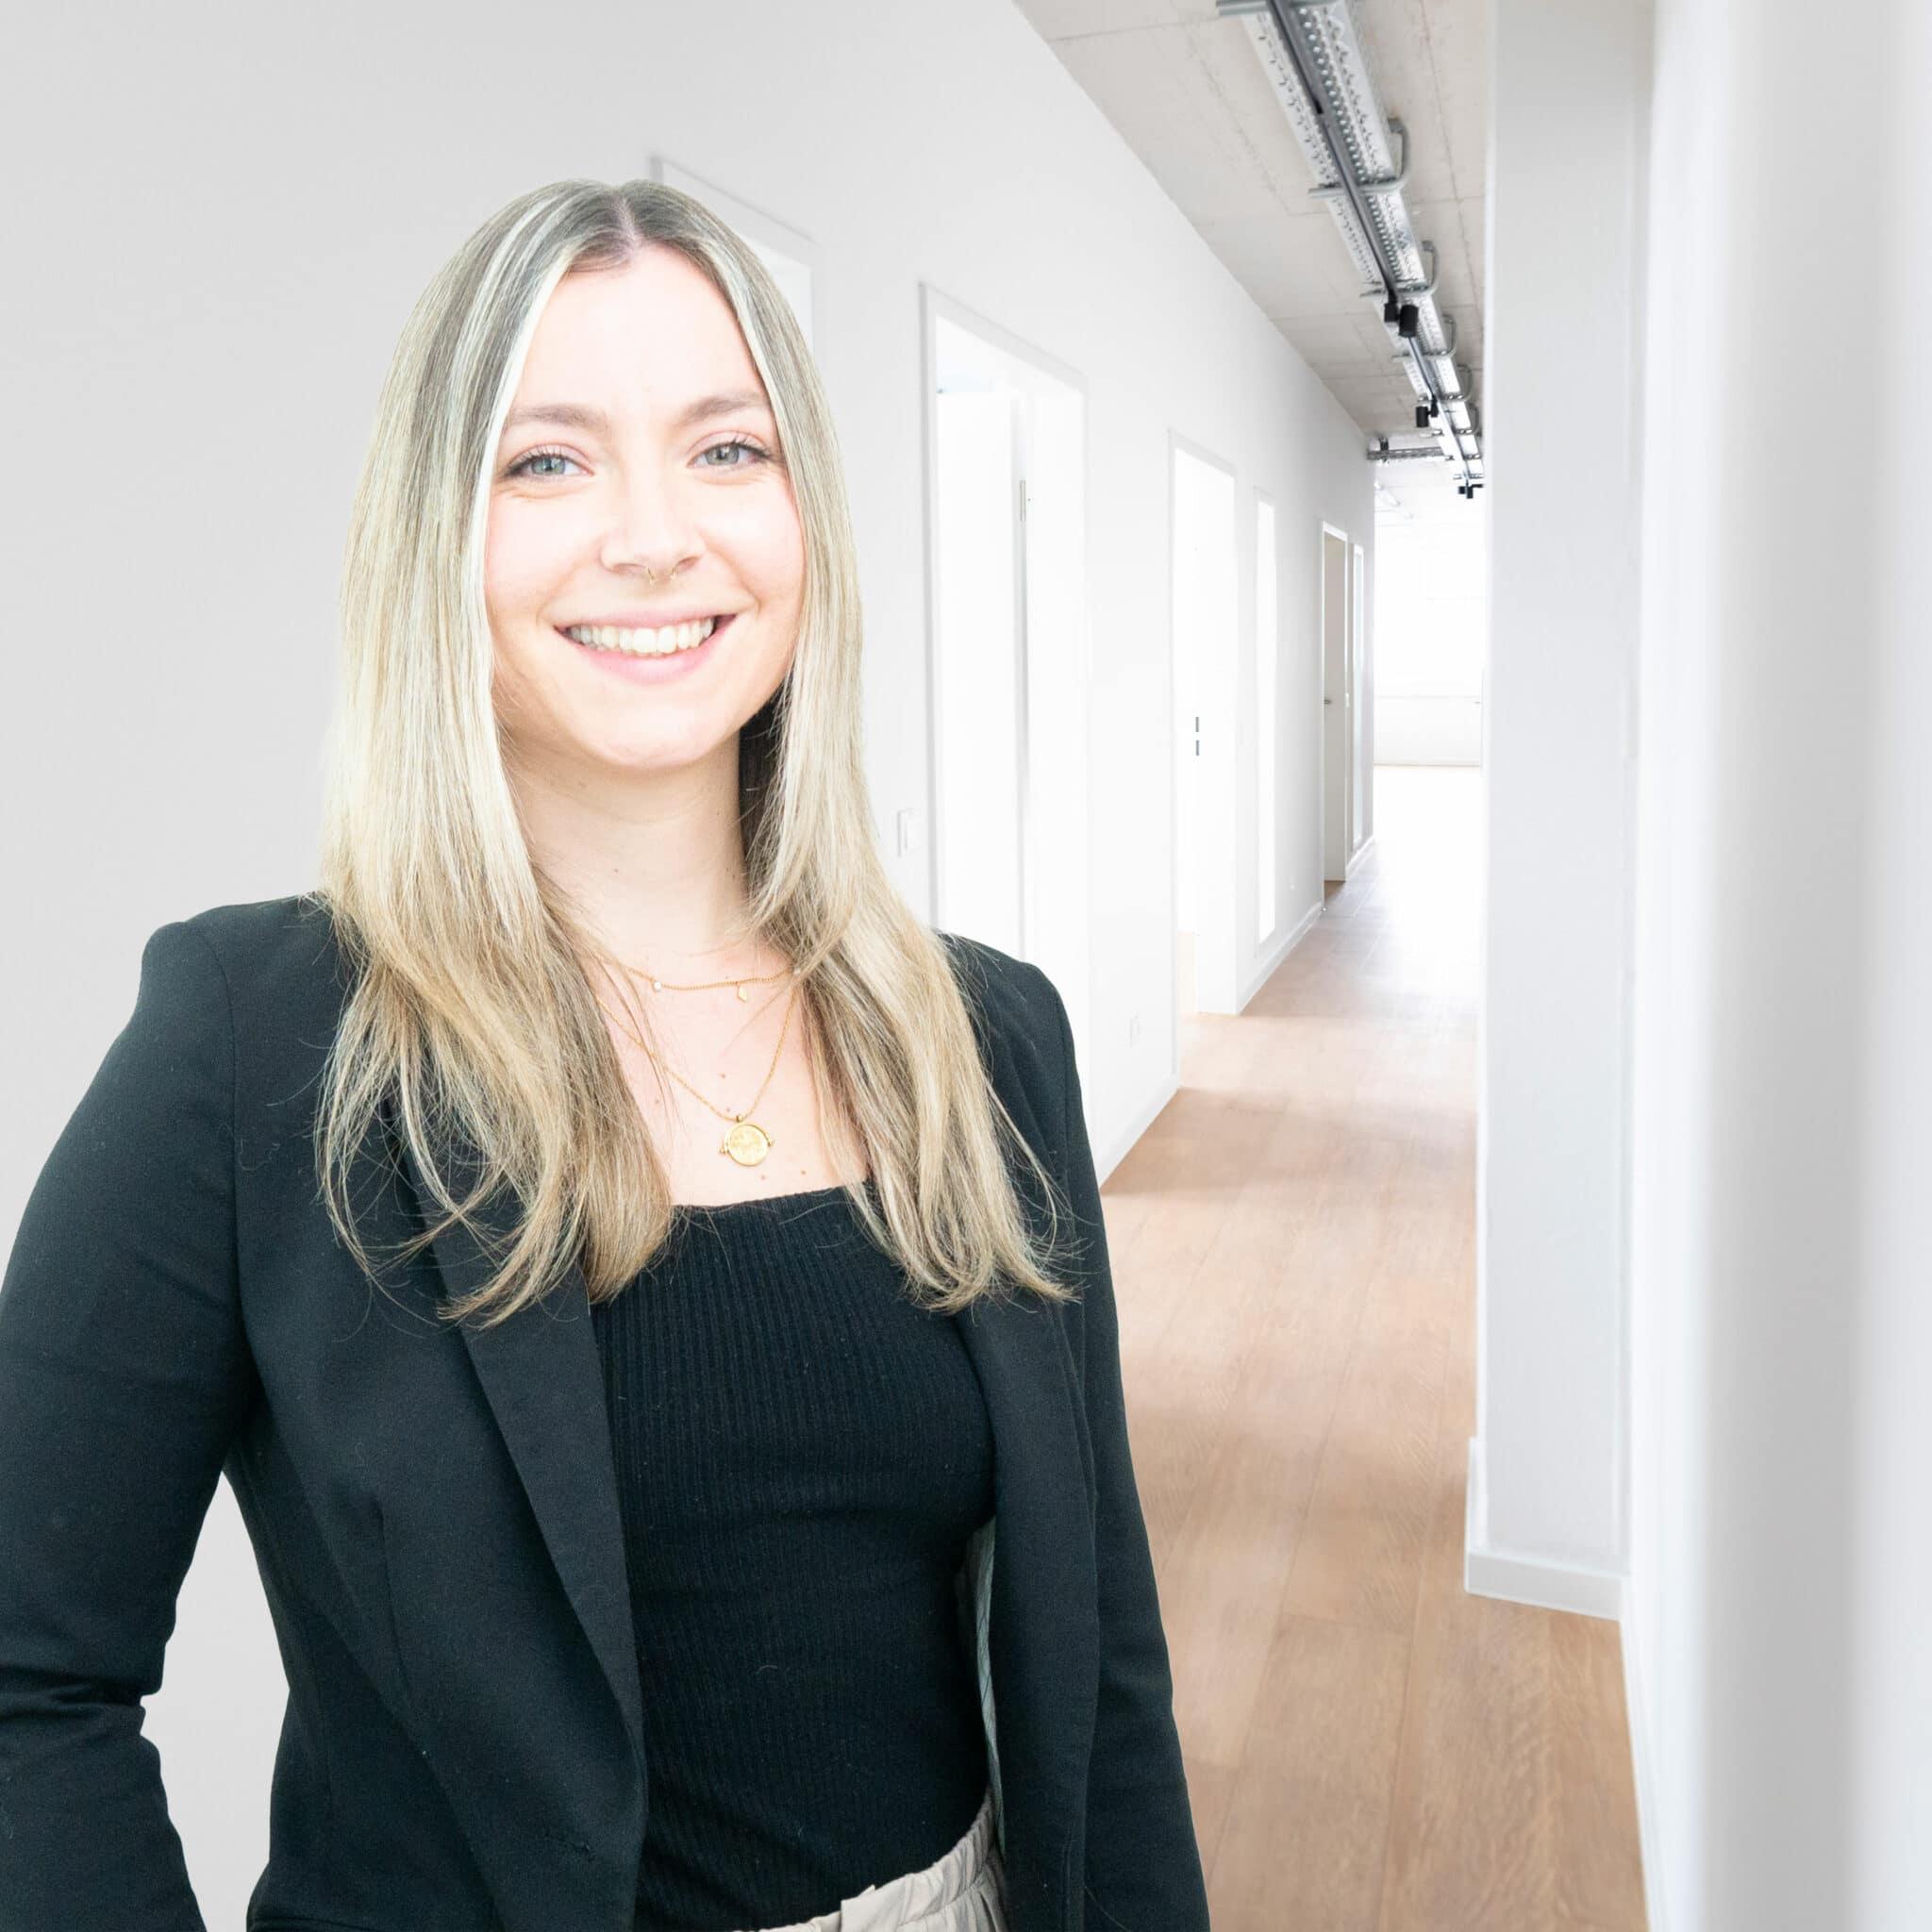 Profilbild Alina Zischeck